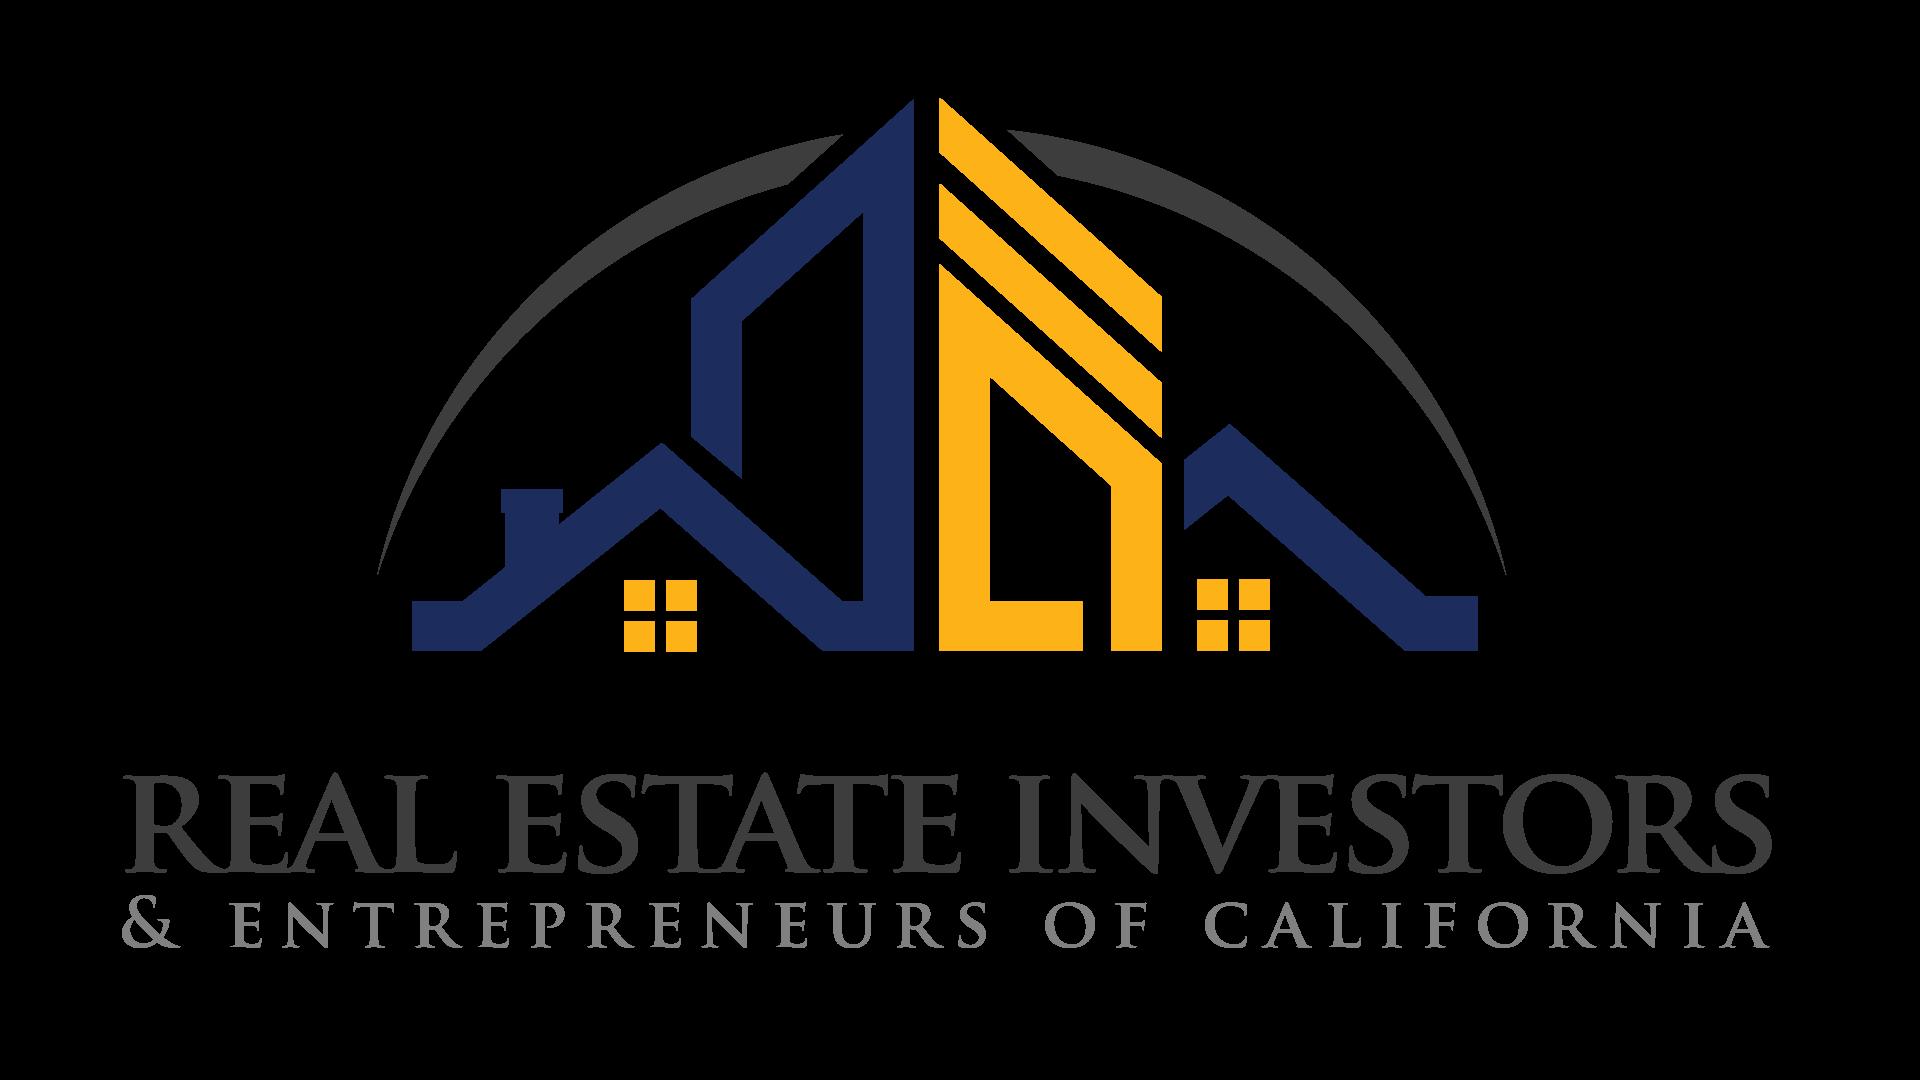 Real Estate Investors & Entrepreneurs of California